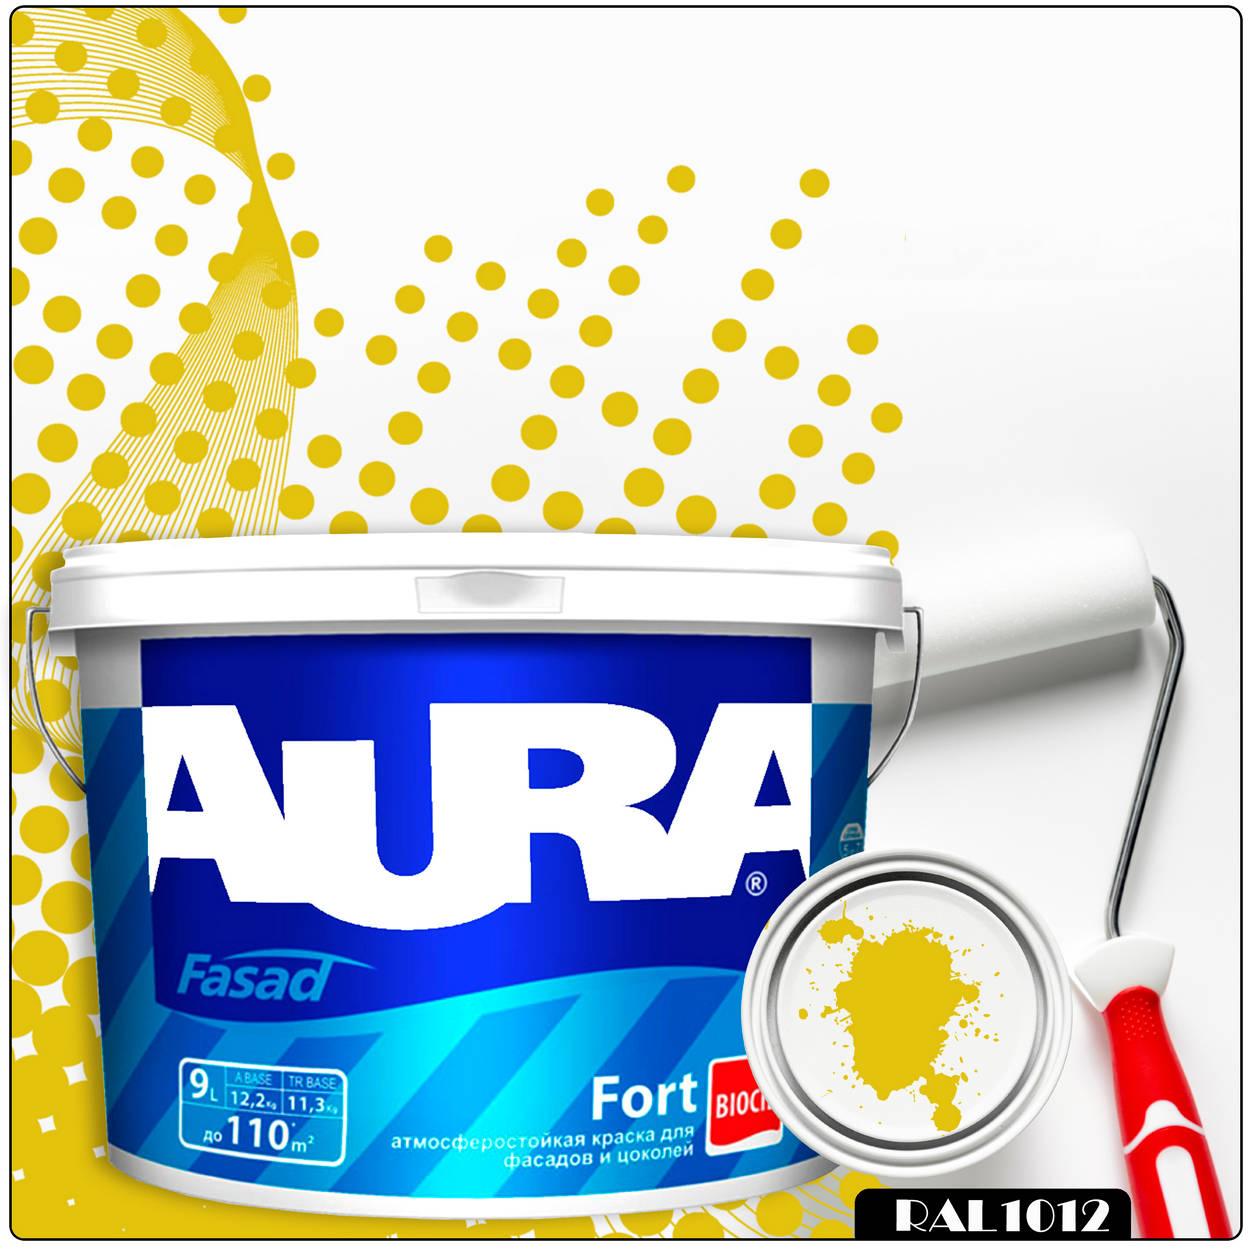 Фото 10 - Краска Aura Fasad Fort, RAL 1012 Лимонно-жёлтый, латексная, матовая, для фасада и цоколей, 9л, Аура.